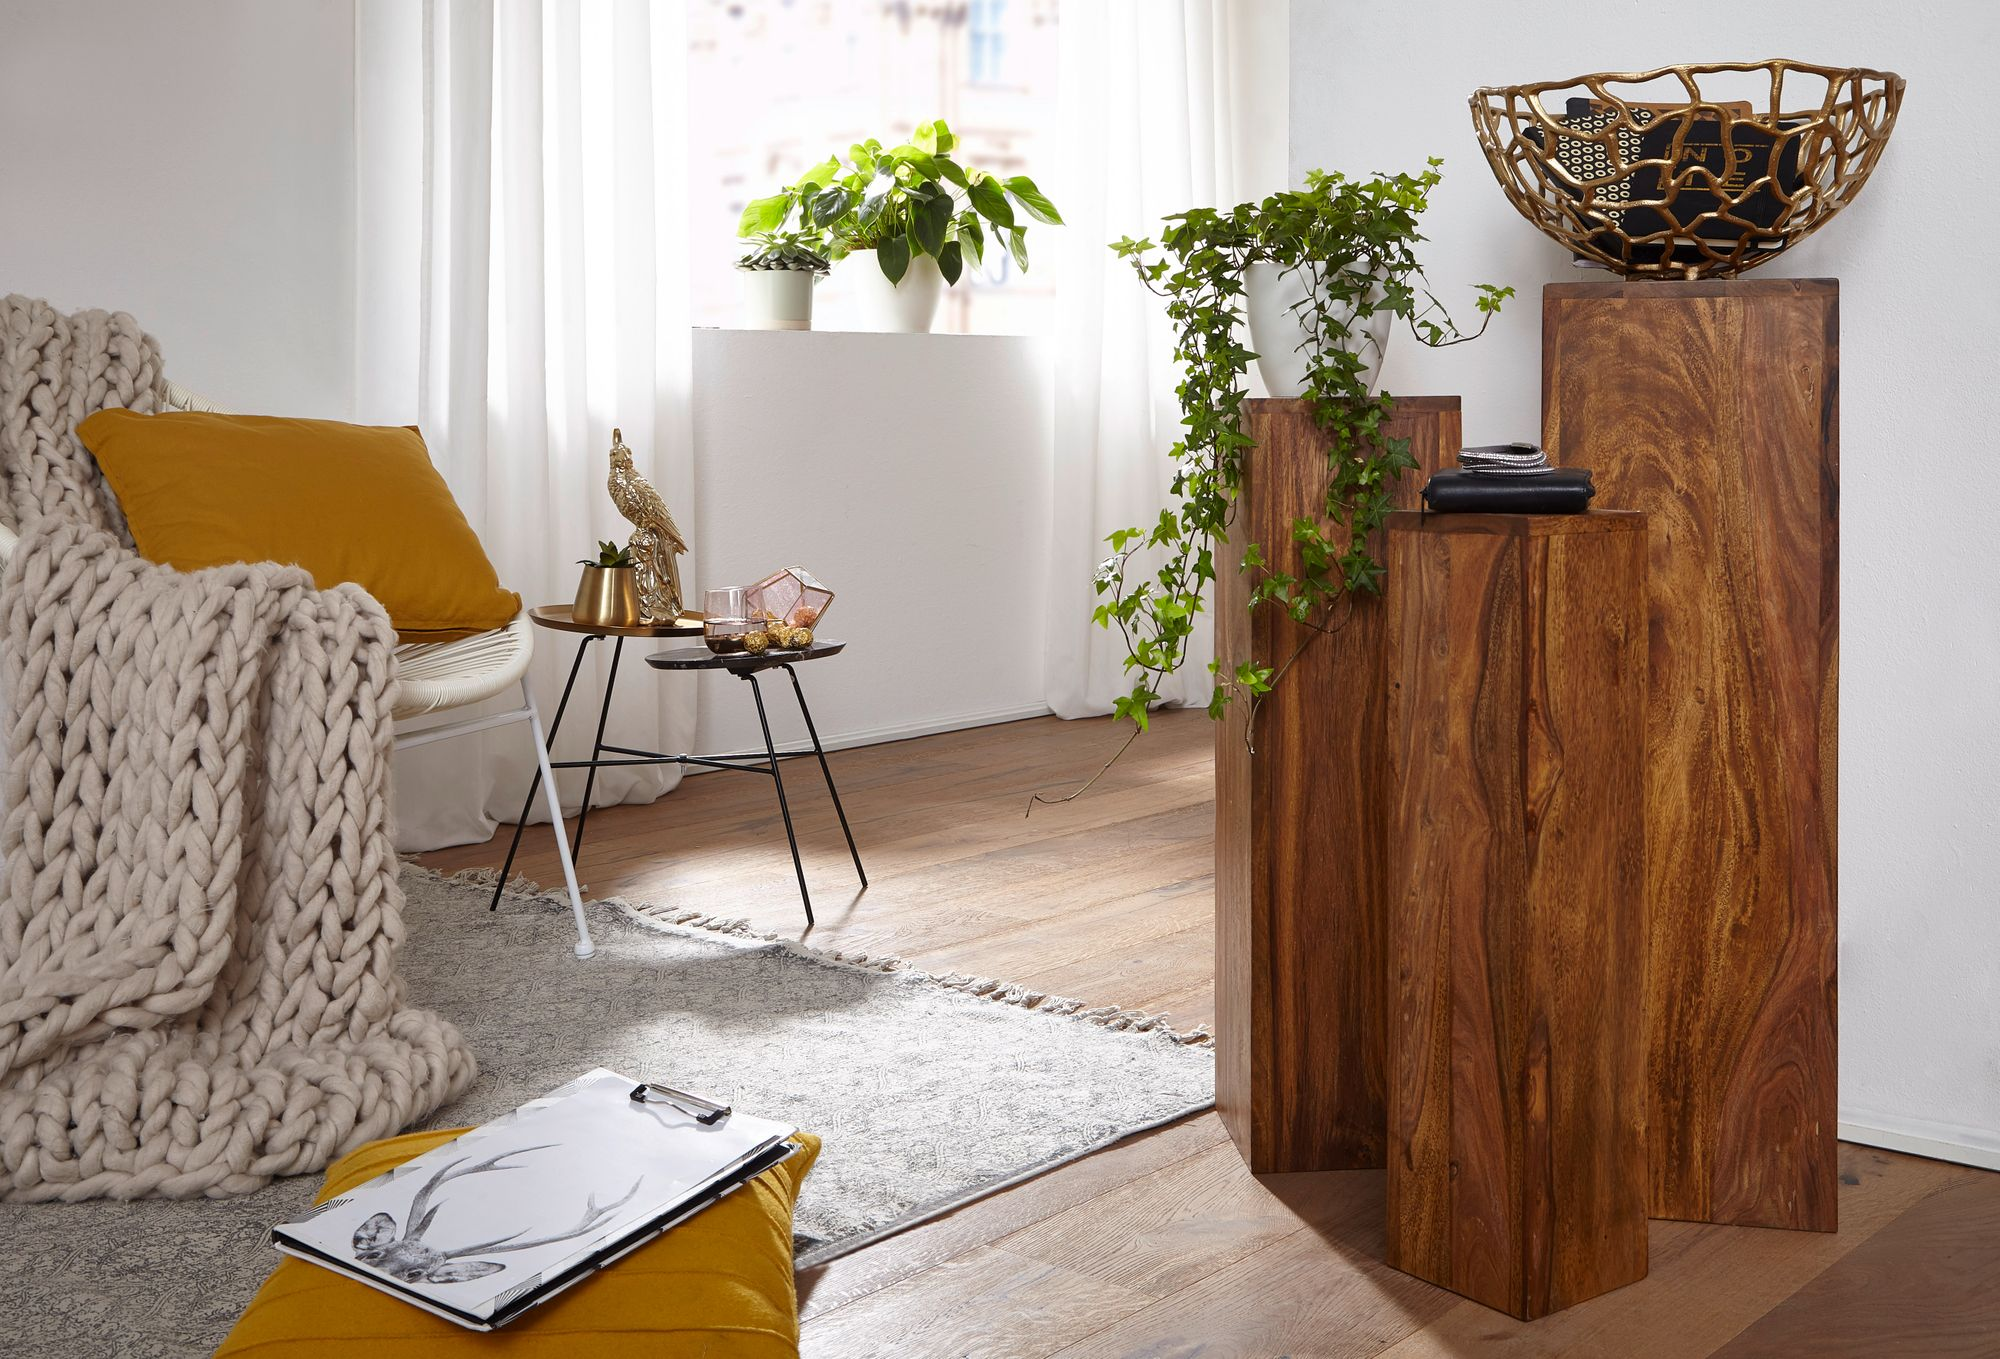 FineBuy Beistelltisch 4445er Set Massivholz 4445,445x8445x4445,445 cm Tische  Holztisch  Natur-Produkt  Echtholz Beistelltische Dekosäulen  Drei Holztische Braun